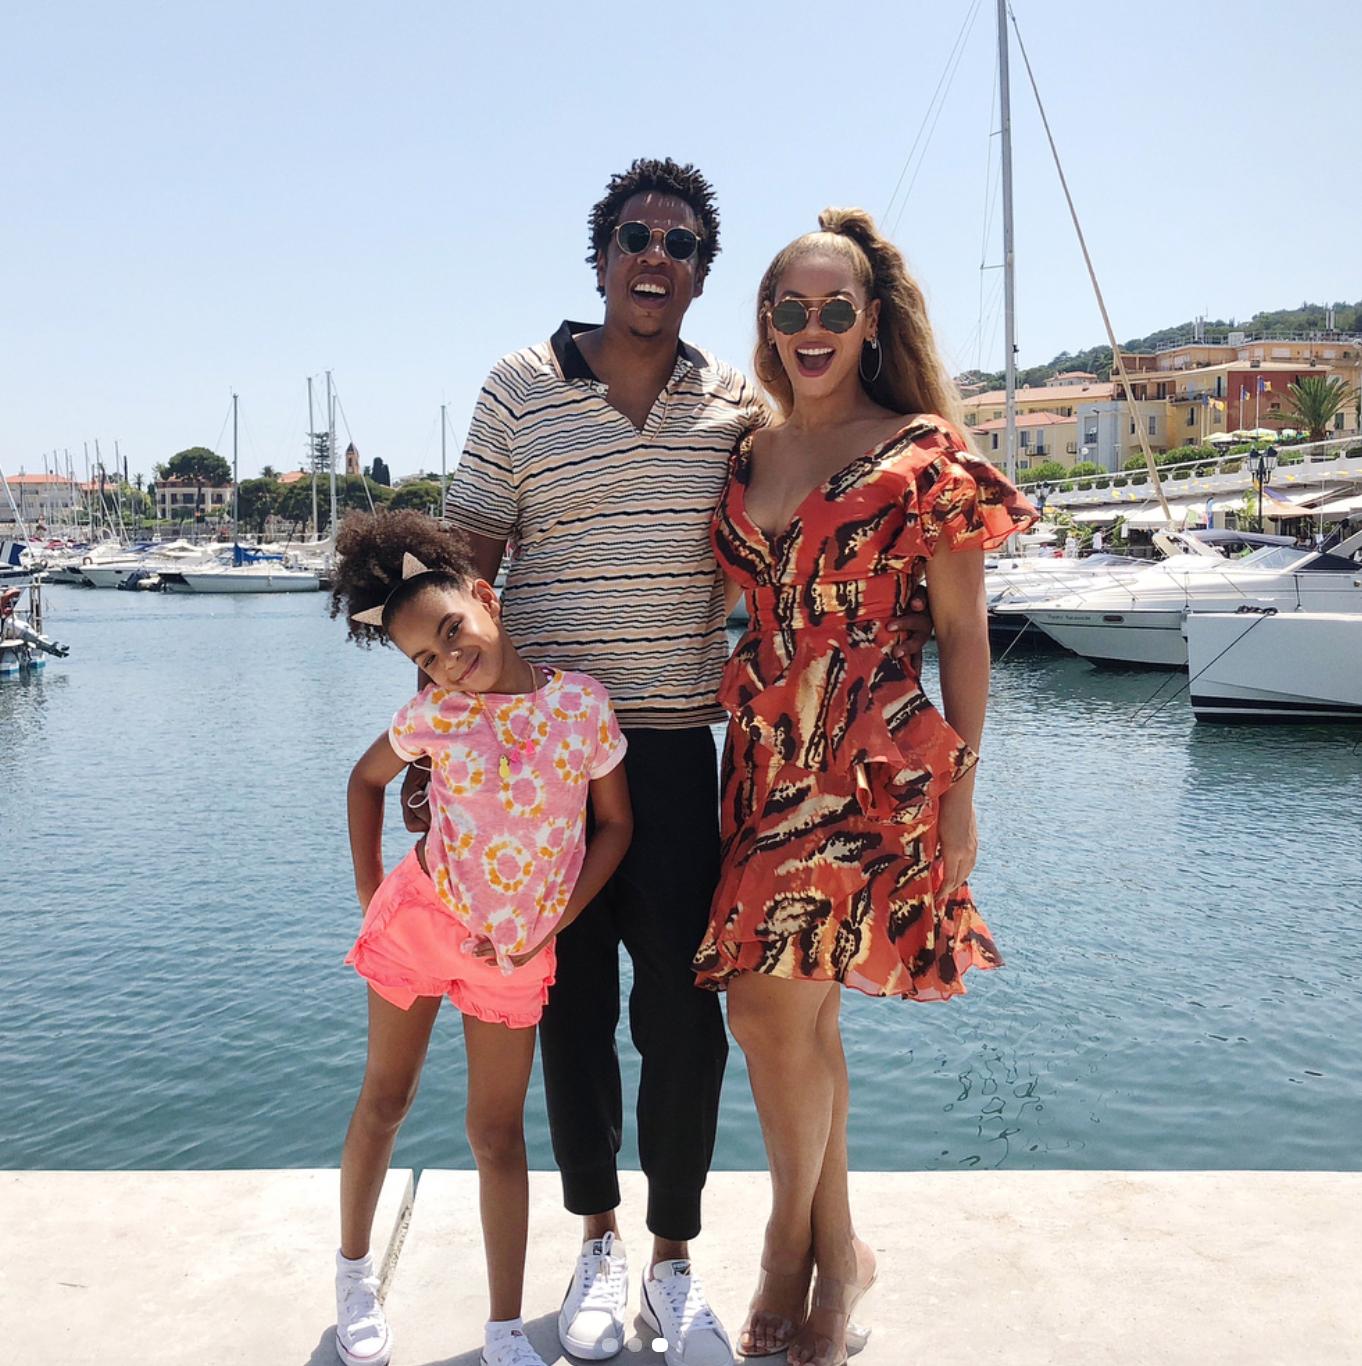 vacaciones de famosos en italia 14